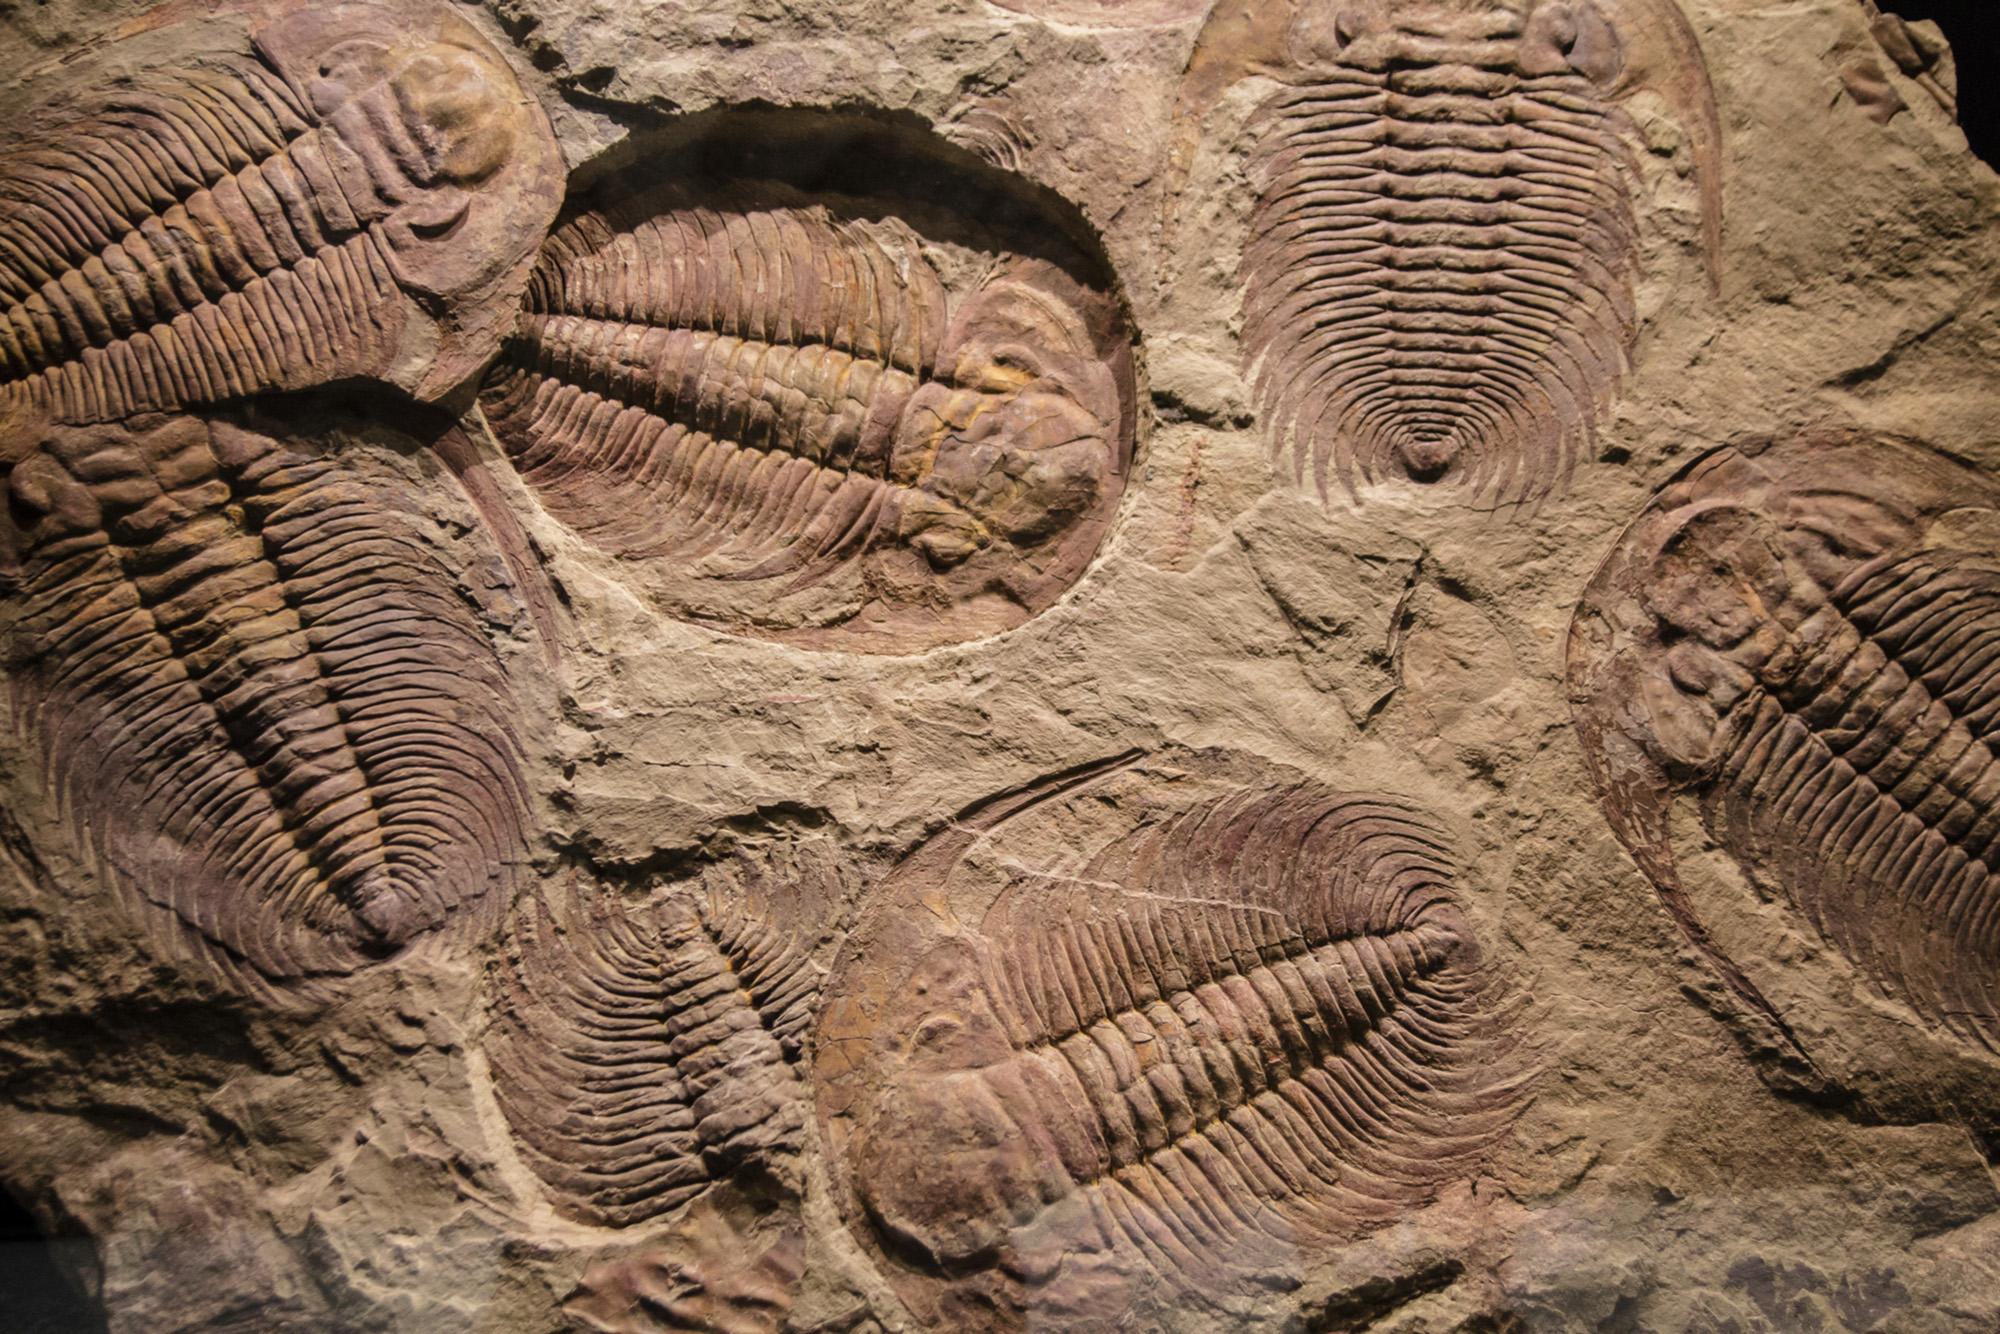 أحفور آثار مفصليات ثلاثية الفصوص في الرواسب